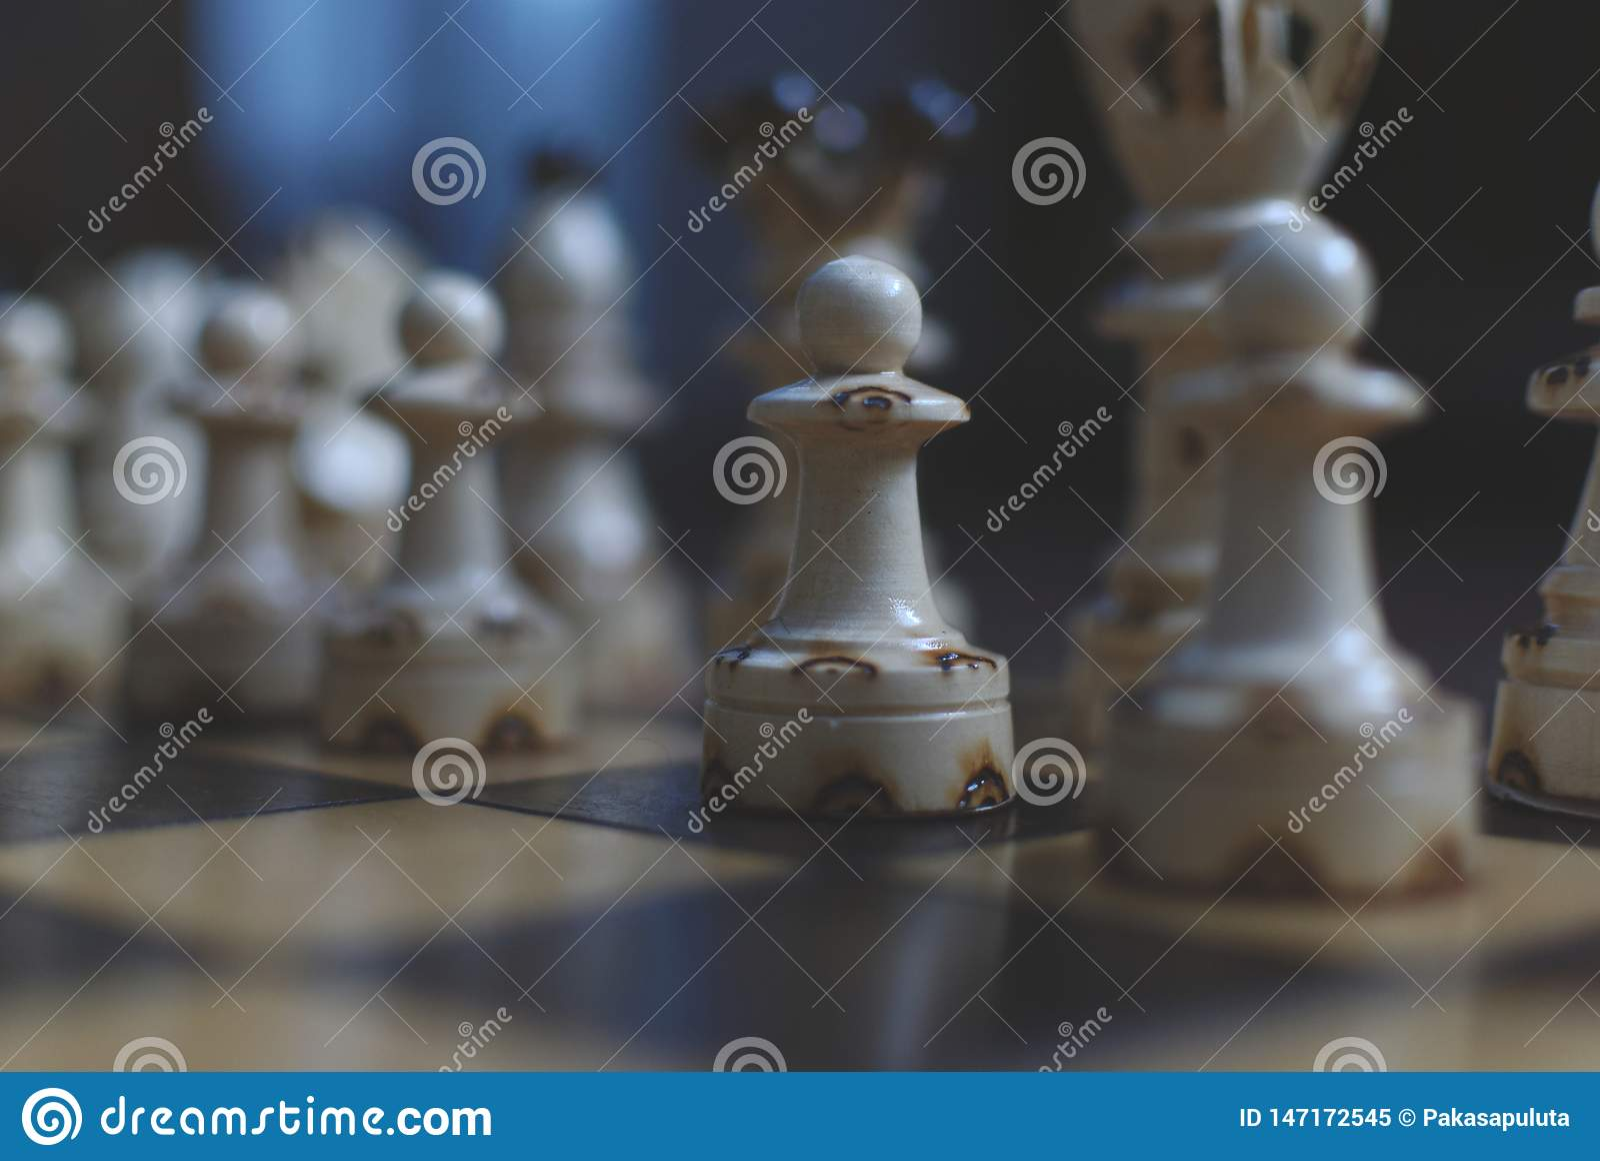 Pfand in Schach 2